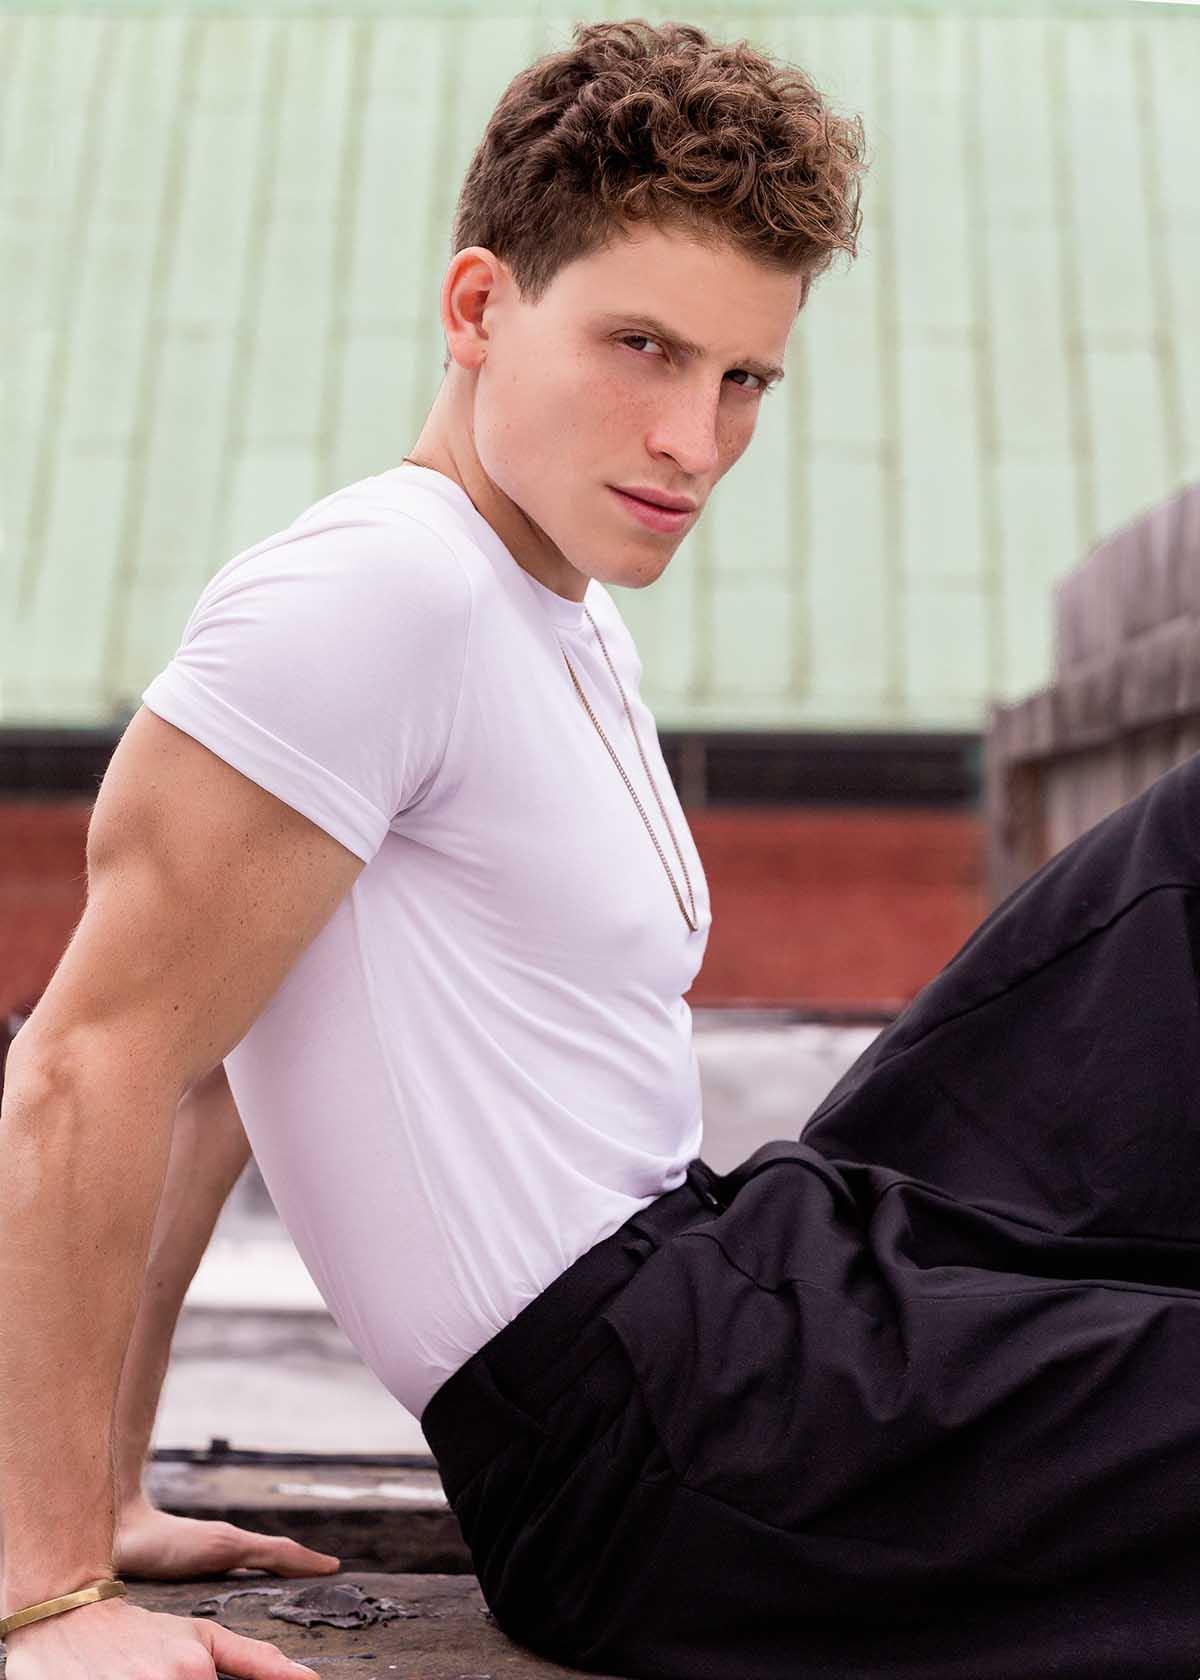 Giulio Melchiori by Nico Gonzalez for Brazilian Male Model